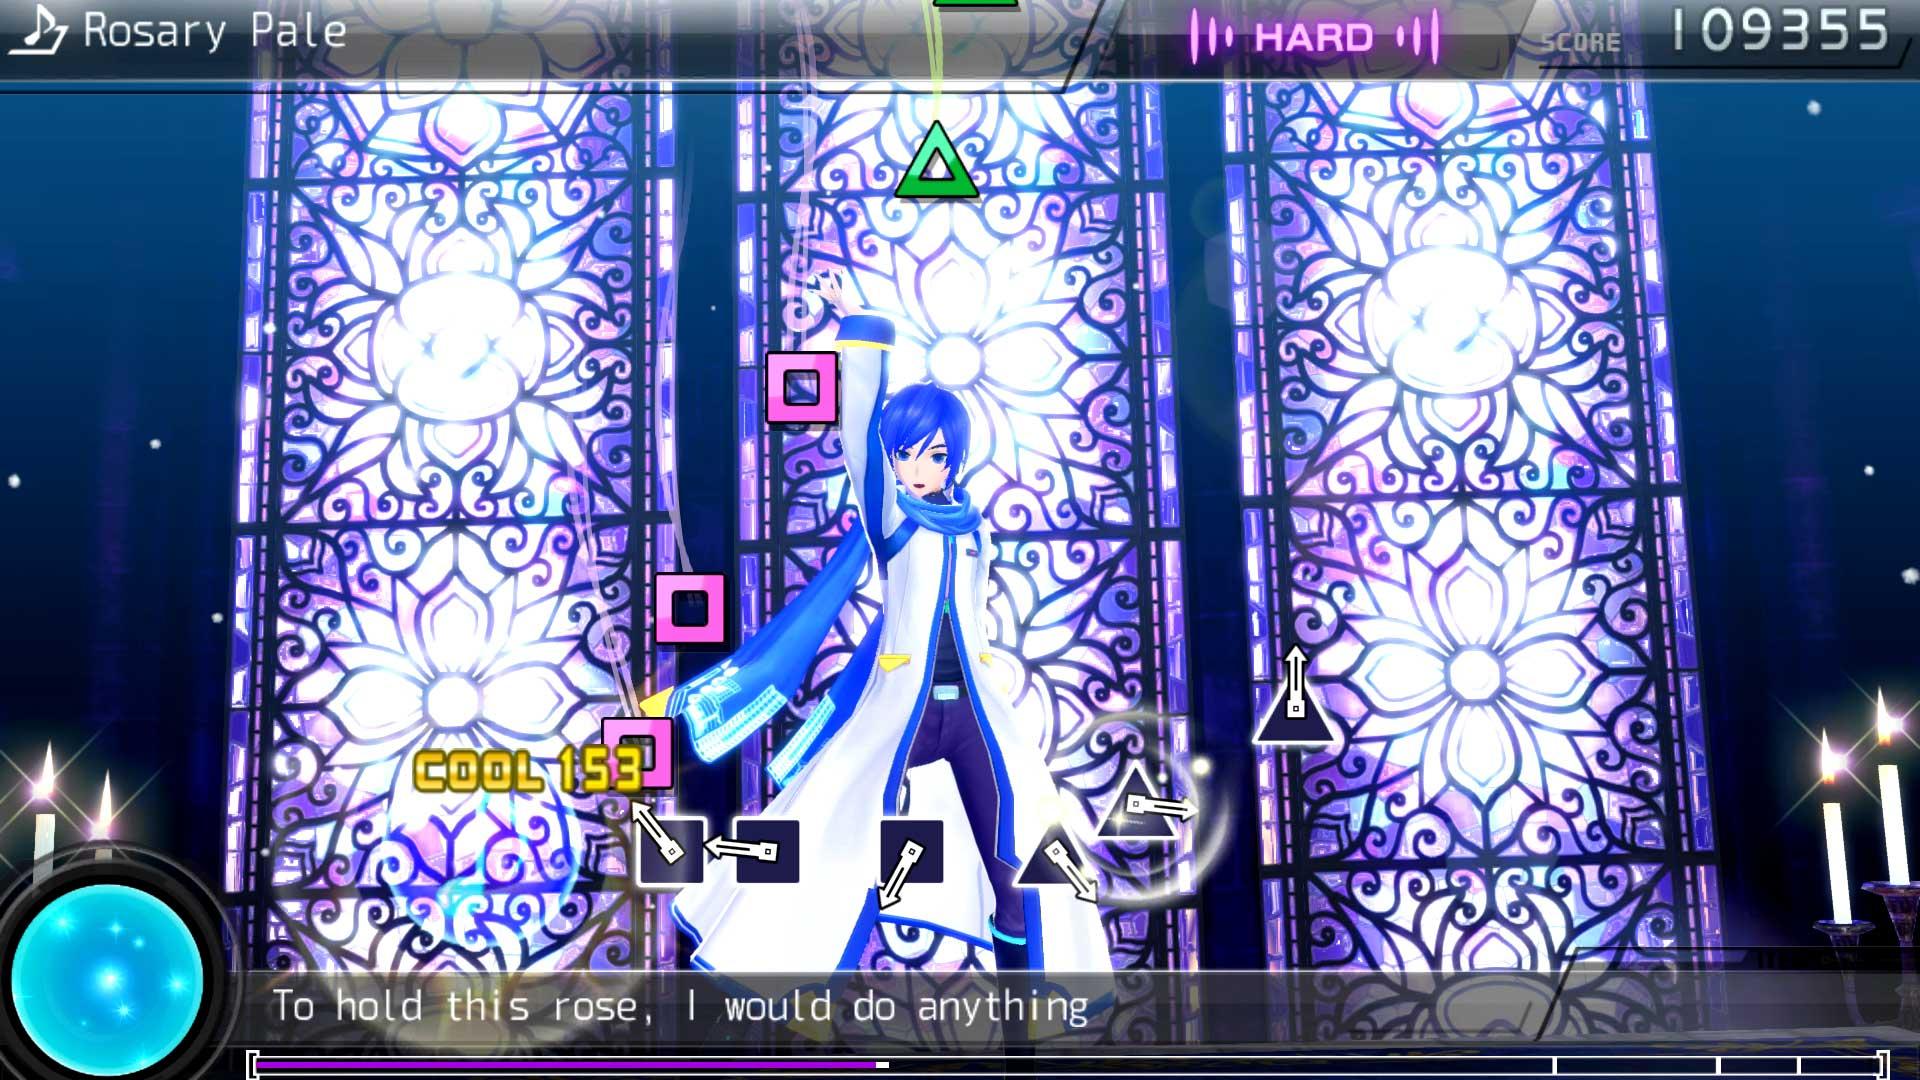 HatsuneMikuDIVAF2nd_Addon_rosarypale_PS3_SS2_1425409300